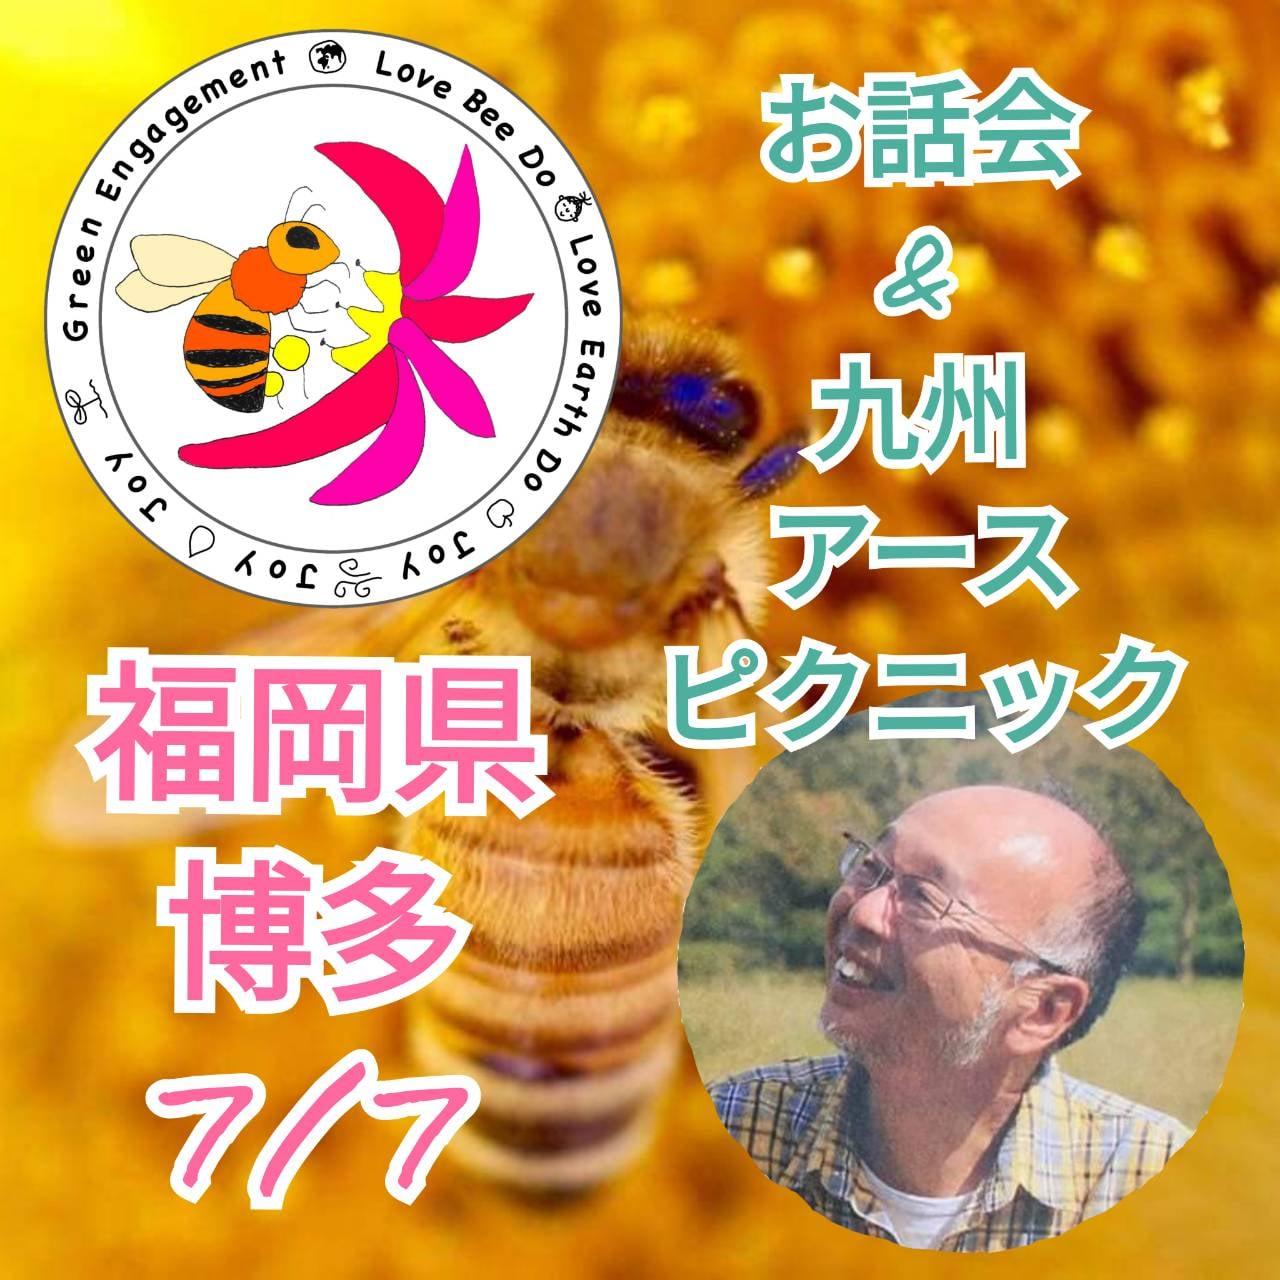 【満員御礼】7月7日(日)福岡県博多 ハニーさんのお話会&九州アースピクニックのイメージその1